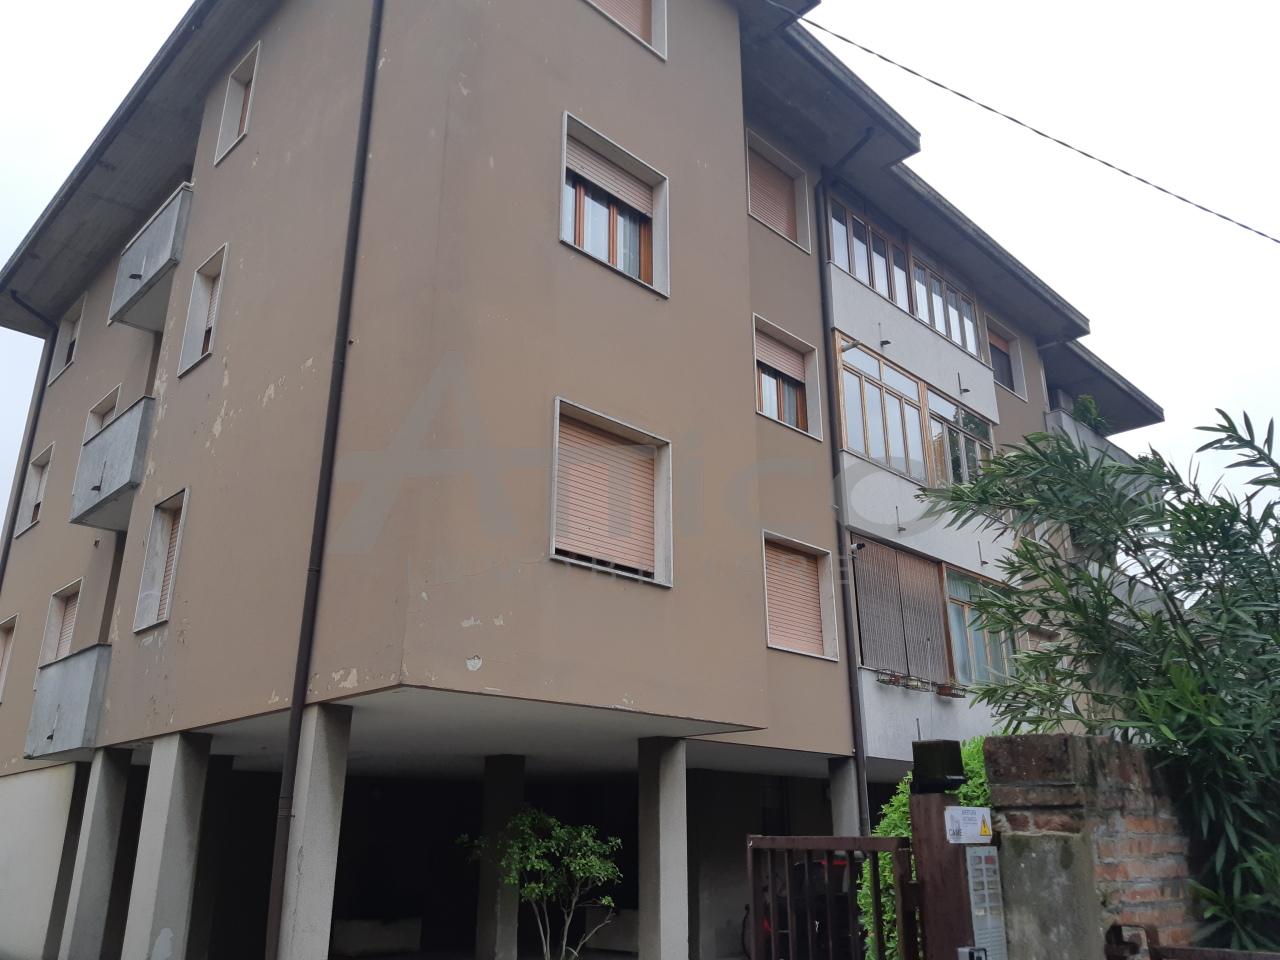 Appartamento - Quadrilocale a Centro città, Rovigo